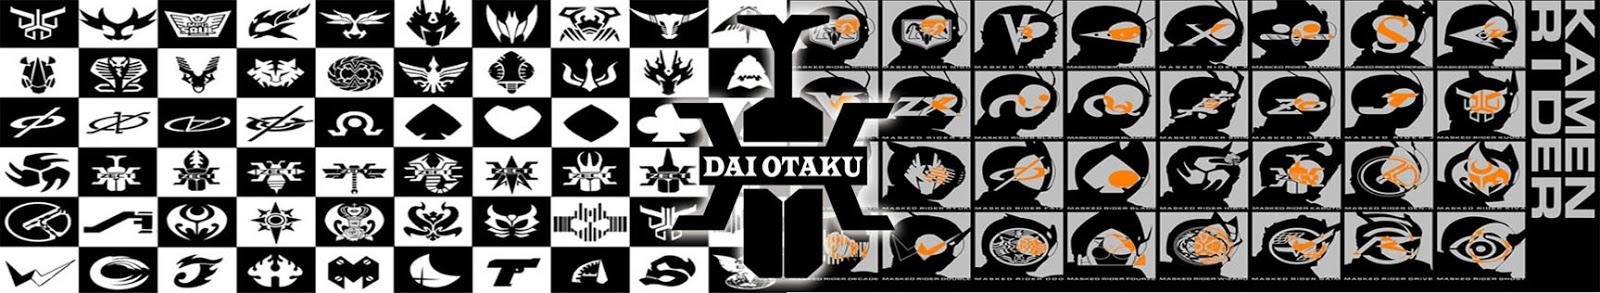 Dai Otaku